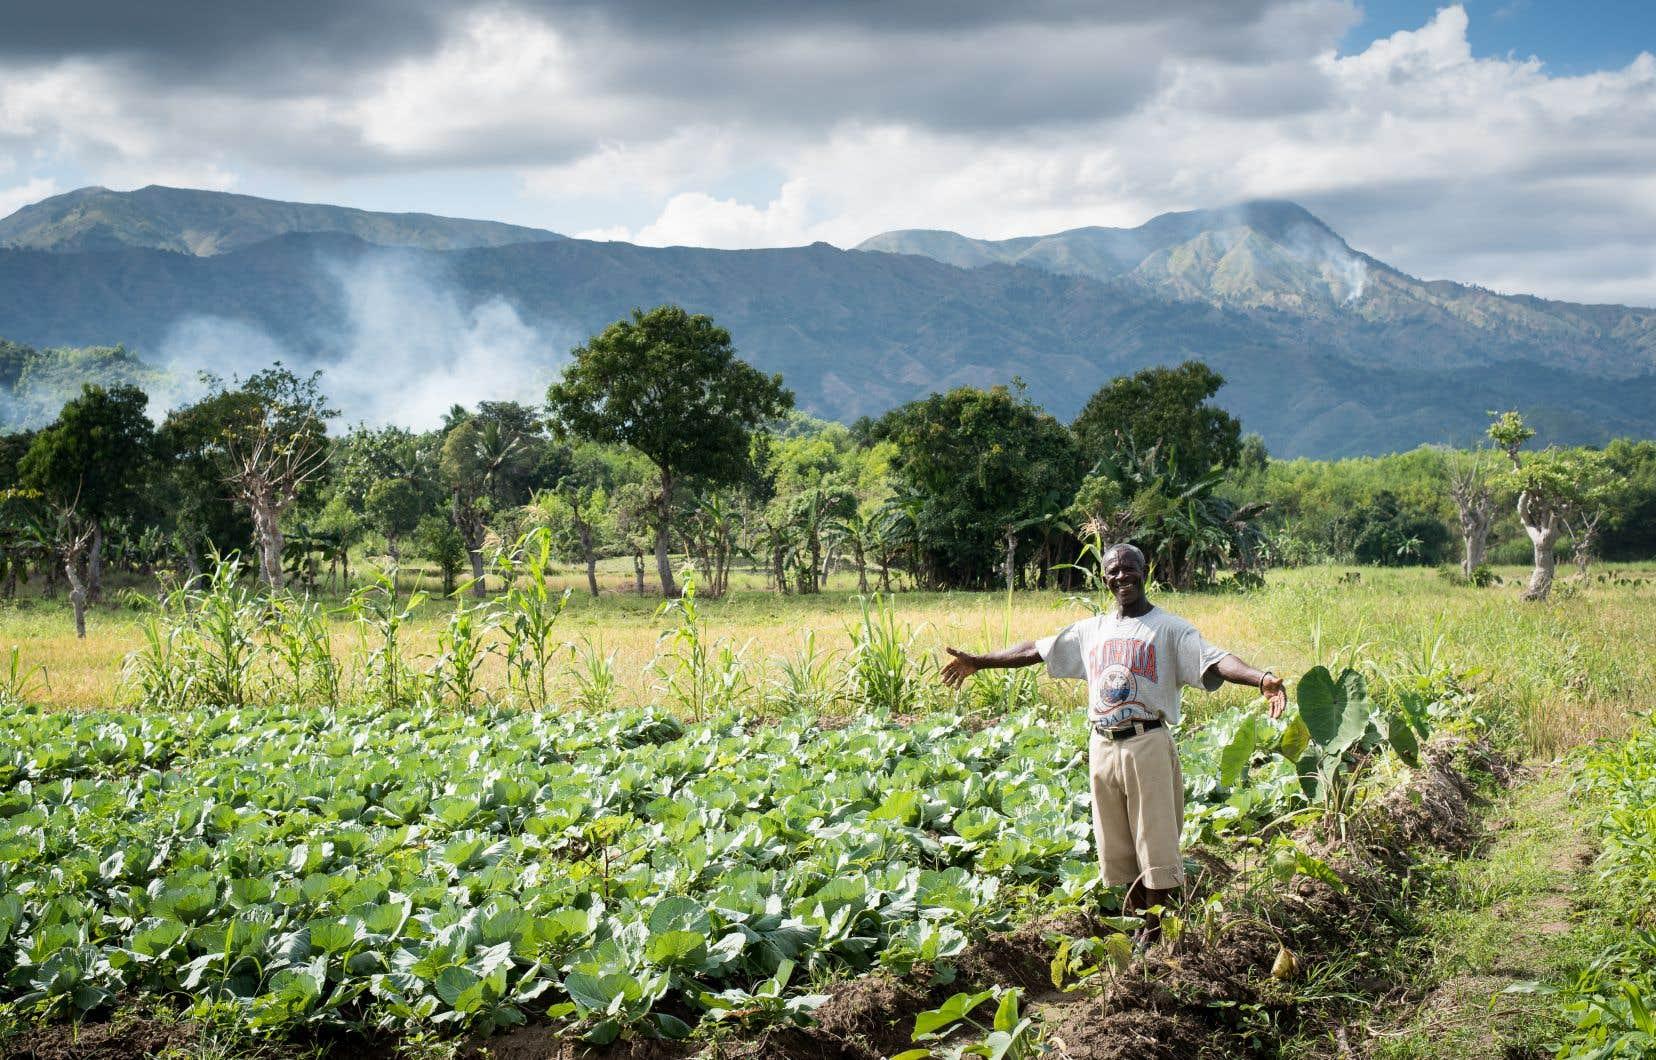 Le projet Jaden nou, se vant nou, «Notre jardin, notre sécurité alimentaire» en créole, aide les agriculteurs à s'adapter aux changements climatiques en délaissant le café au profit de plantes choisies pour leur grande adaptation et la sécurité alimentaire qu'elles offrent.